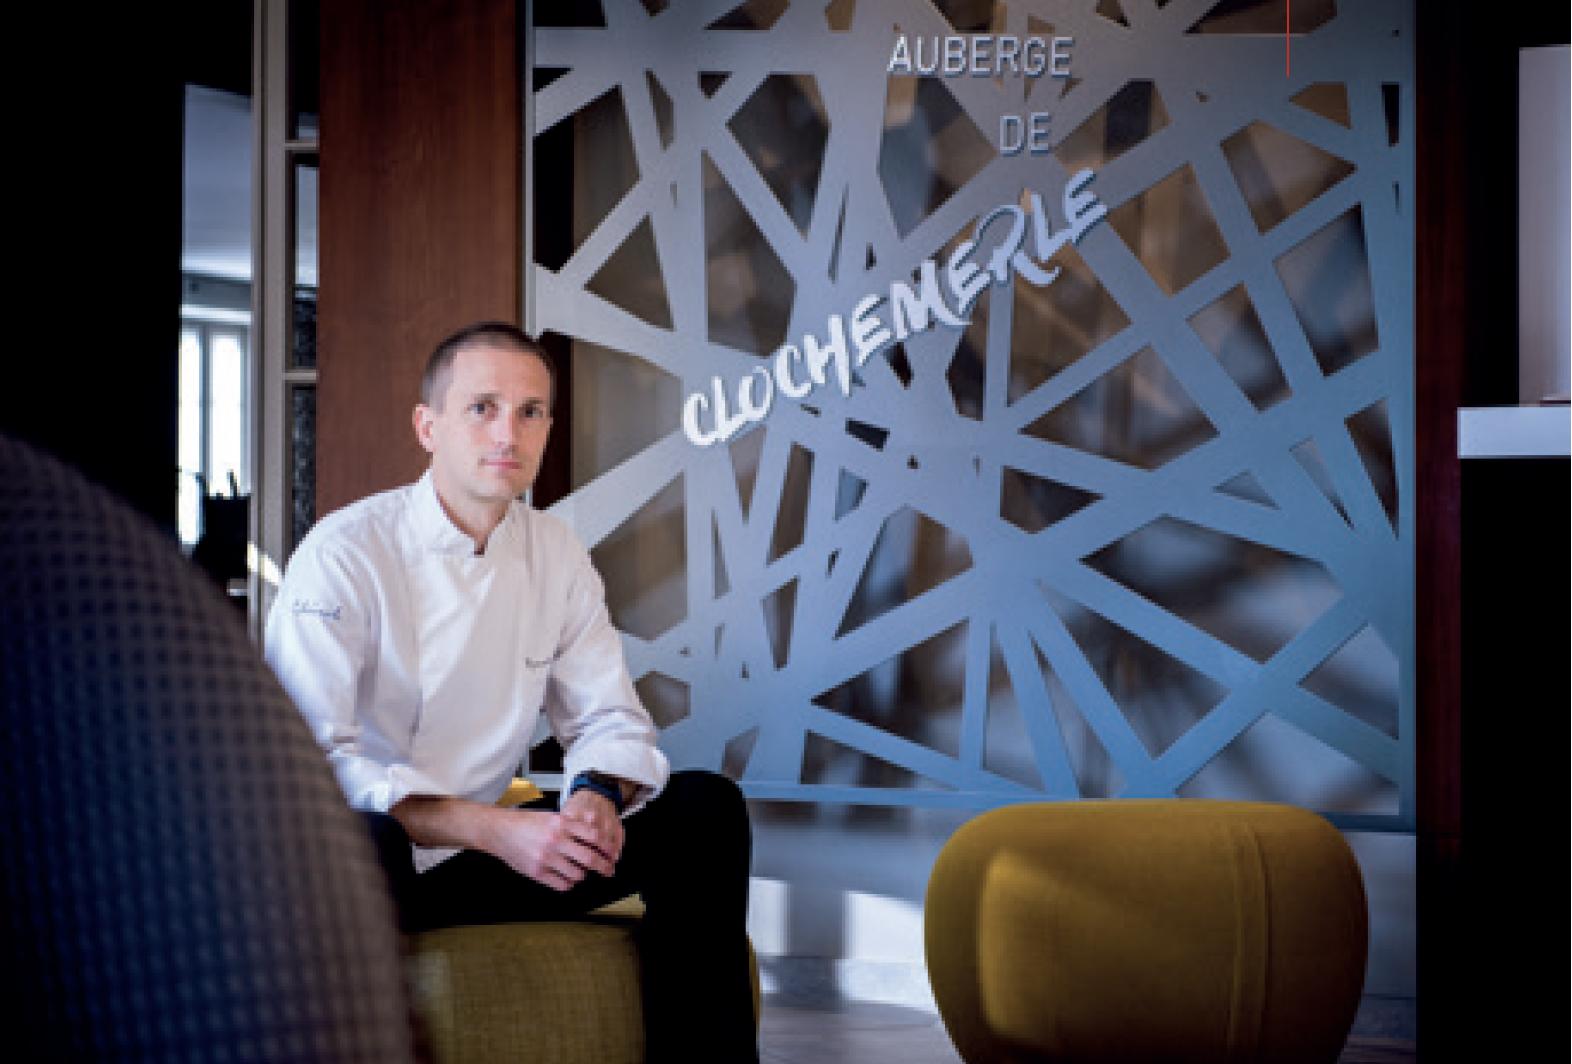 Restaurant Auberge de Clochemerle - Romain Barthe